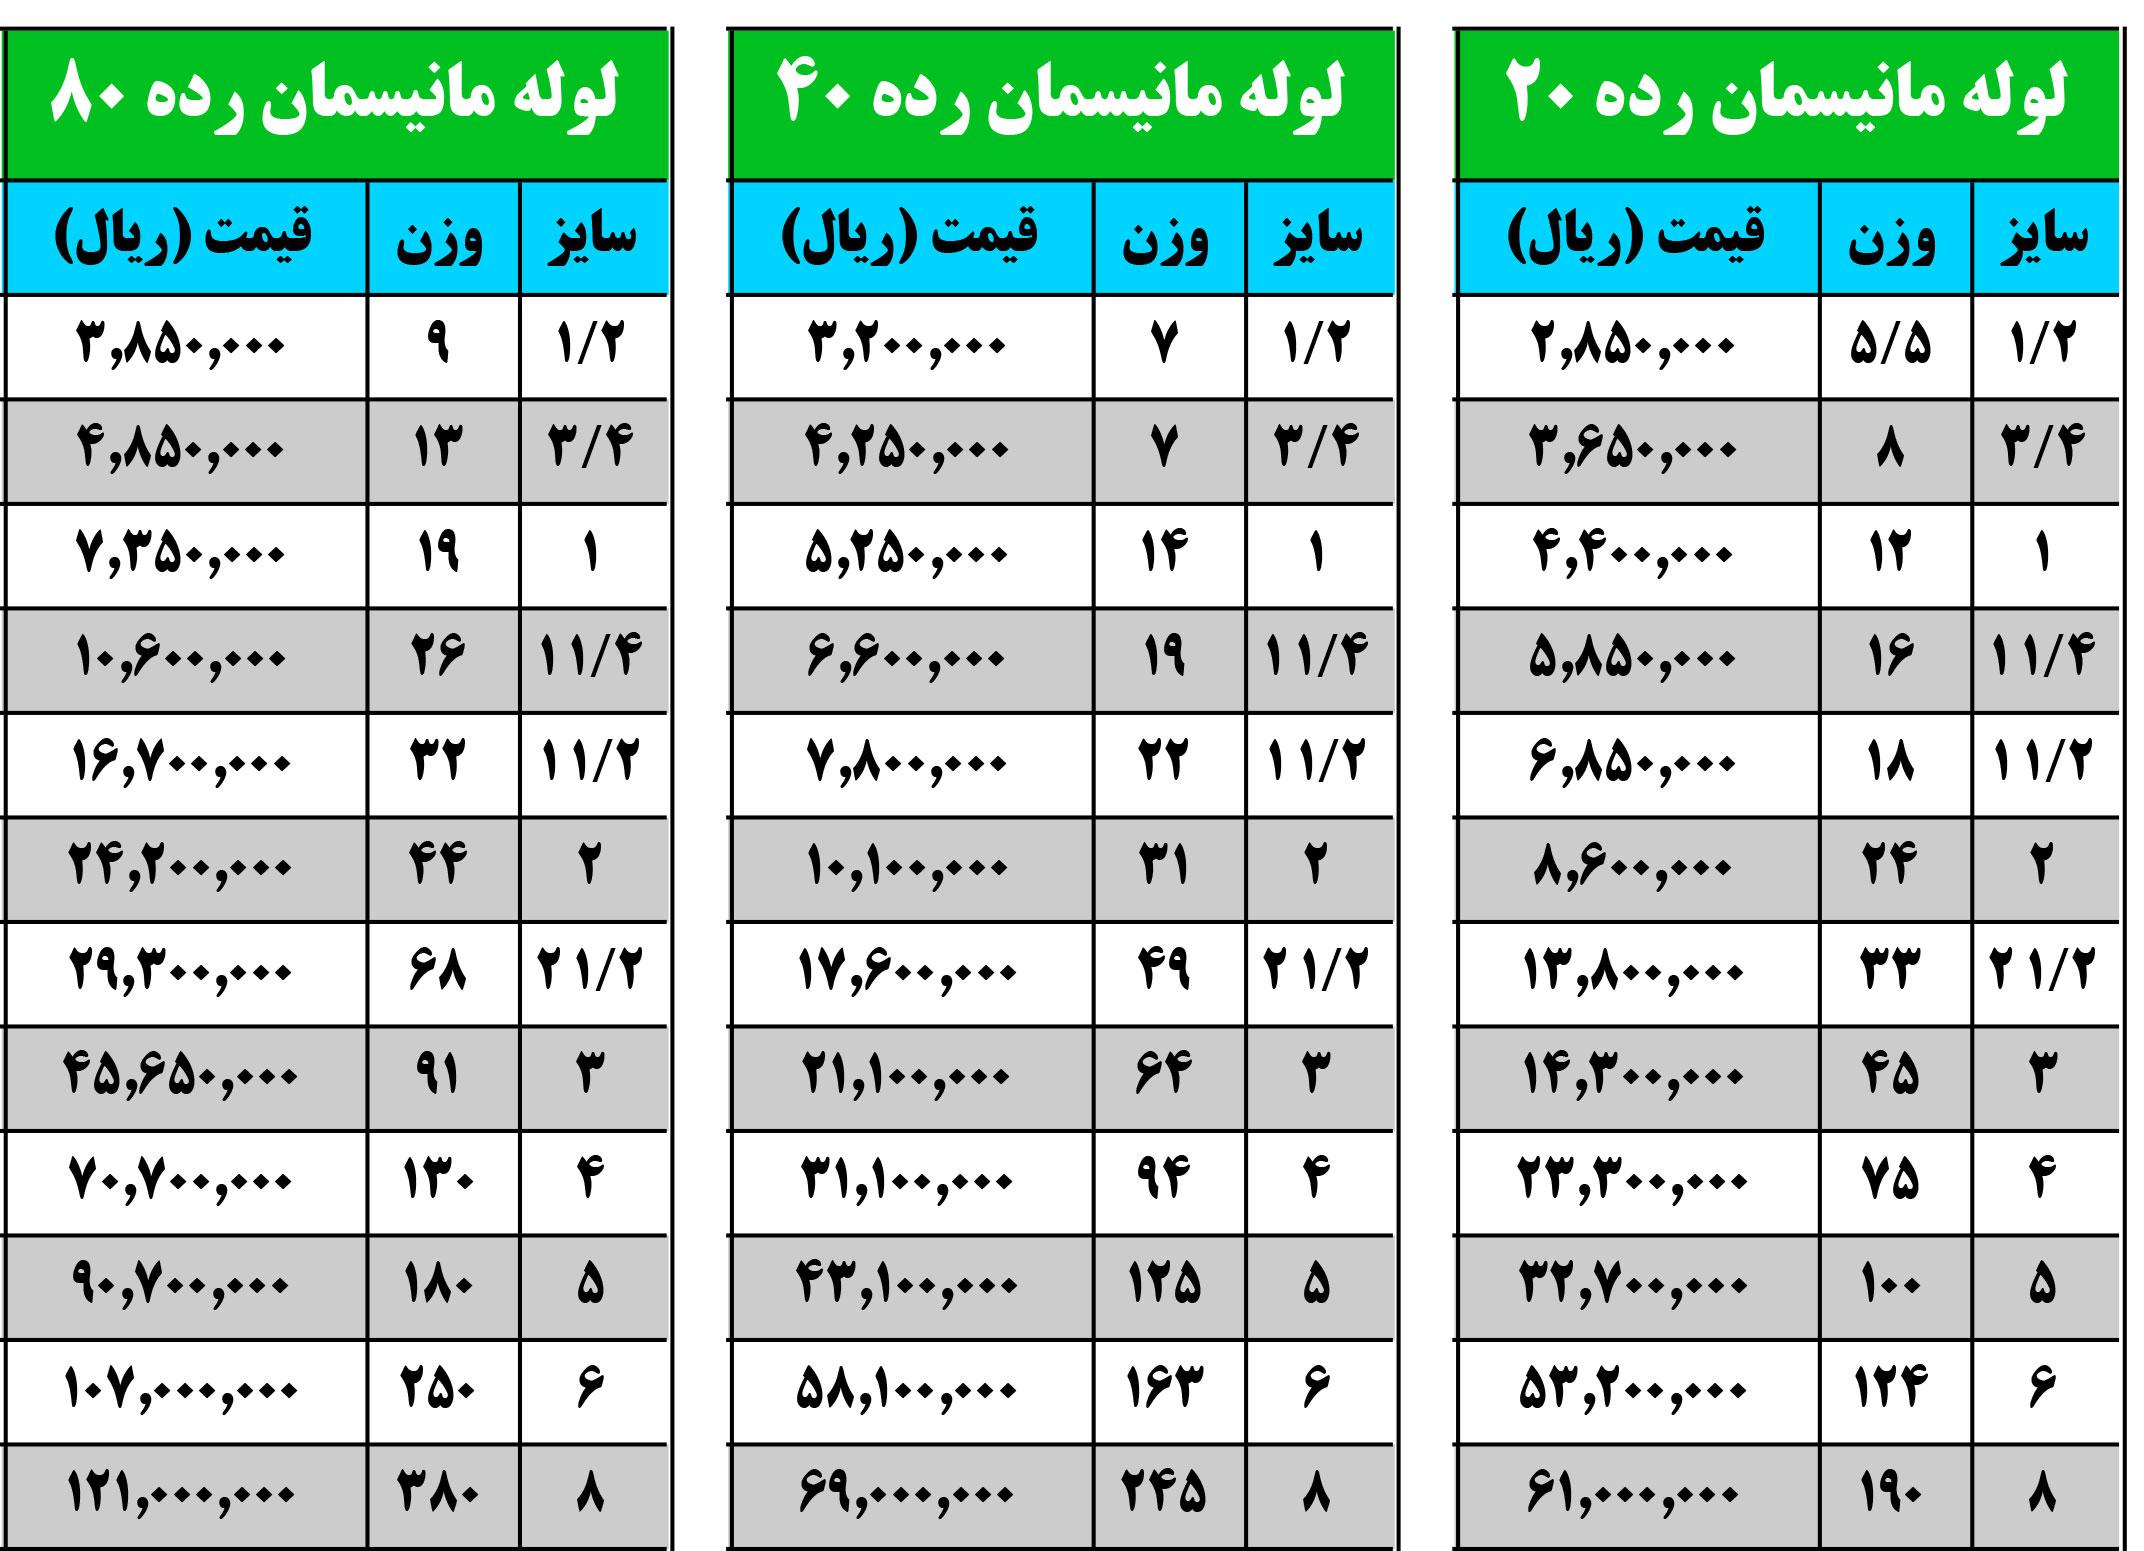 لیست قیمت لوله مانیسمان رده 20 ، 40 و 80